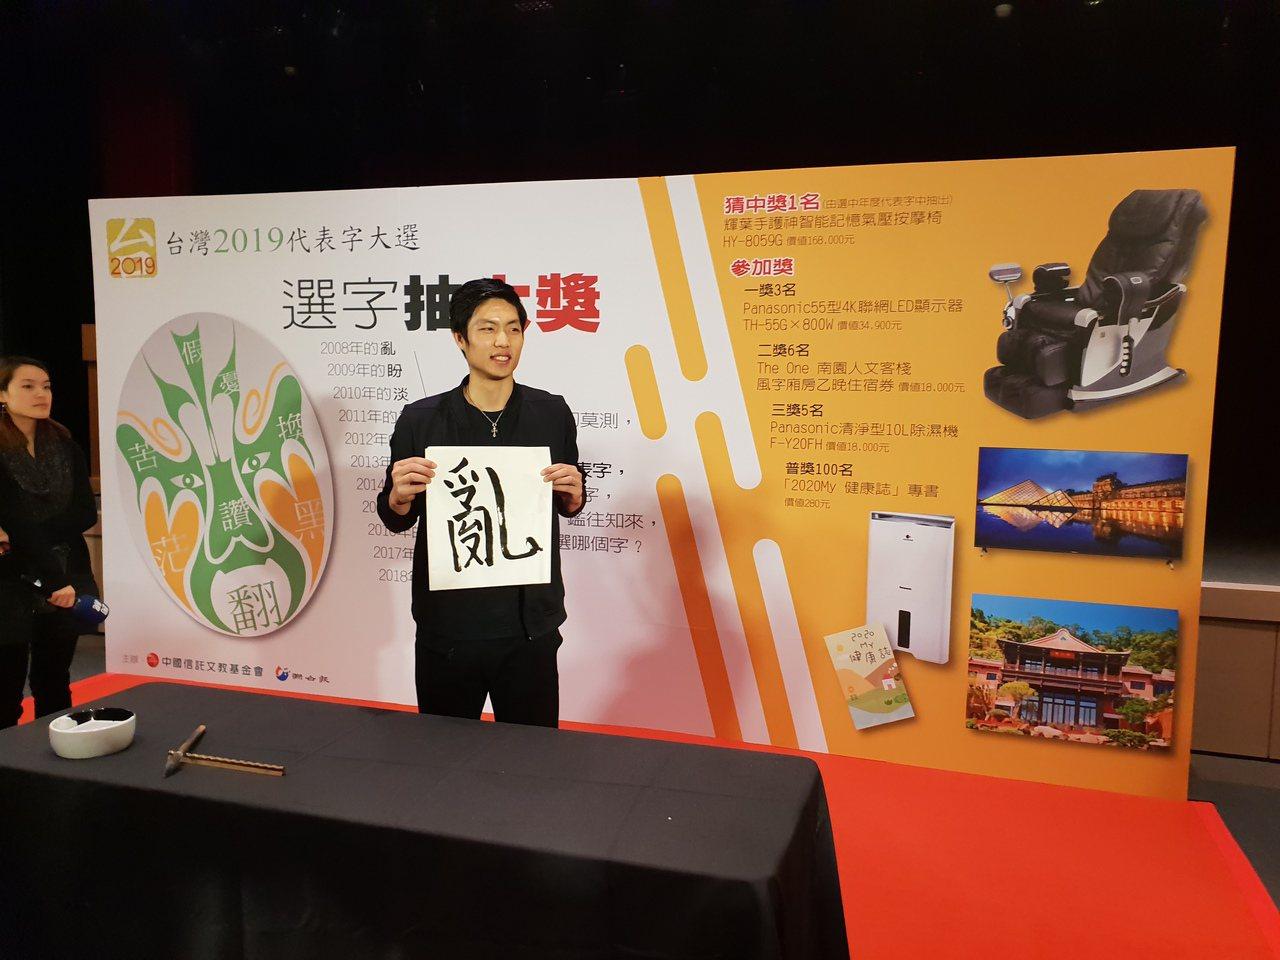 2019台灣代表字選出「亂」。記者陳宛茜/攝影